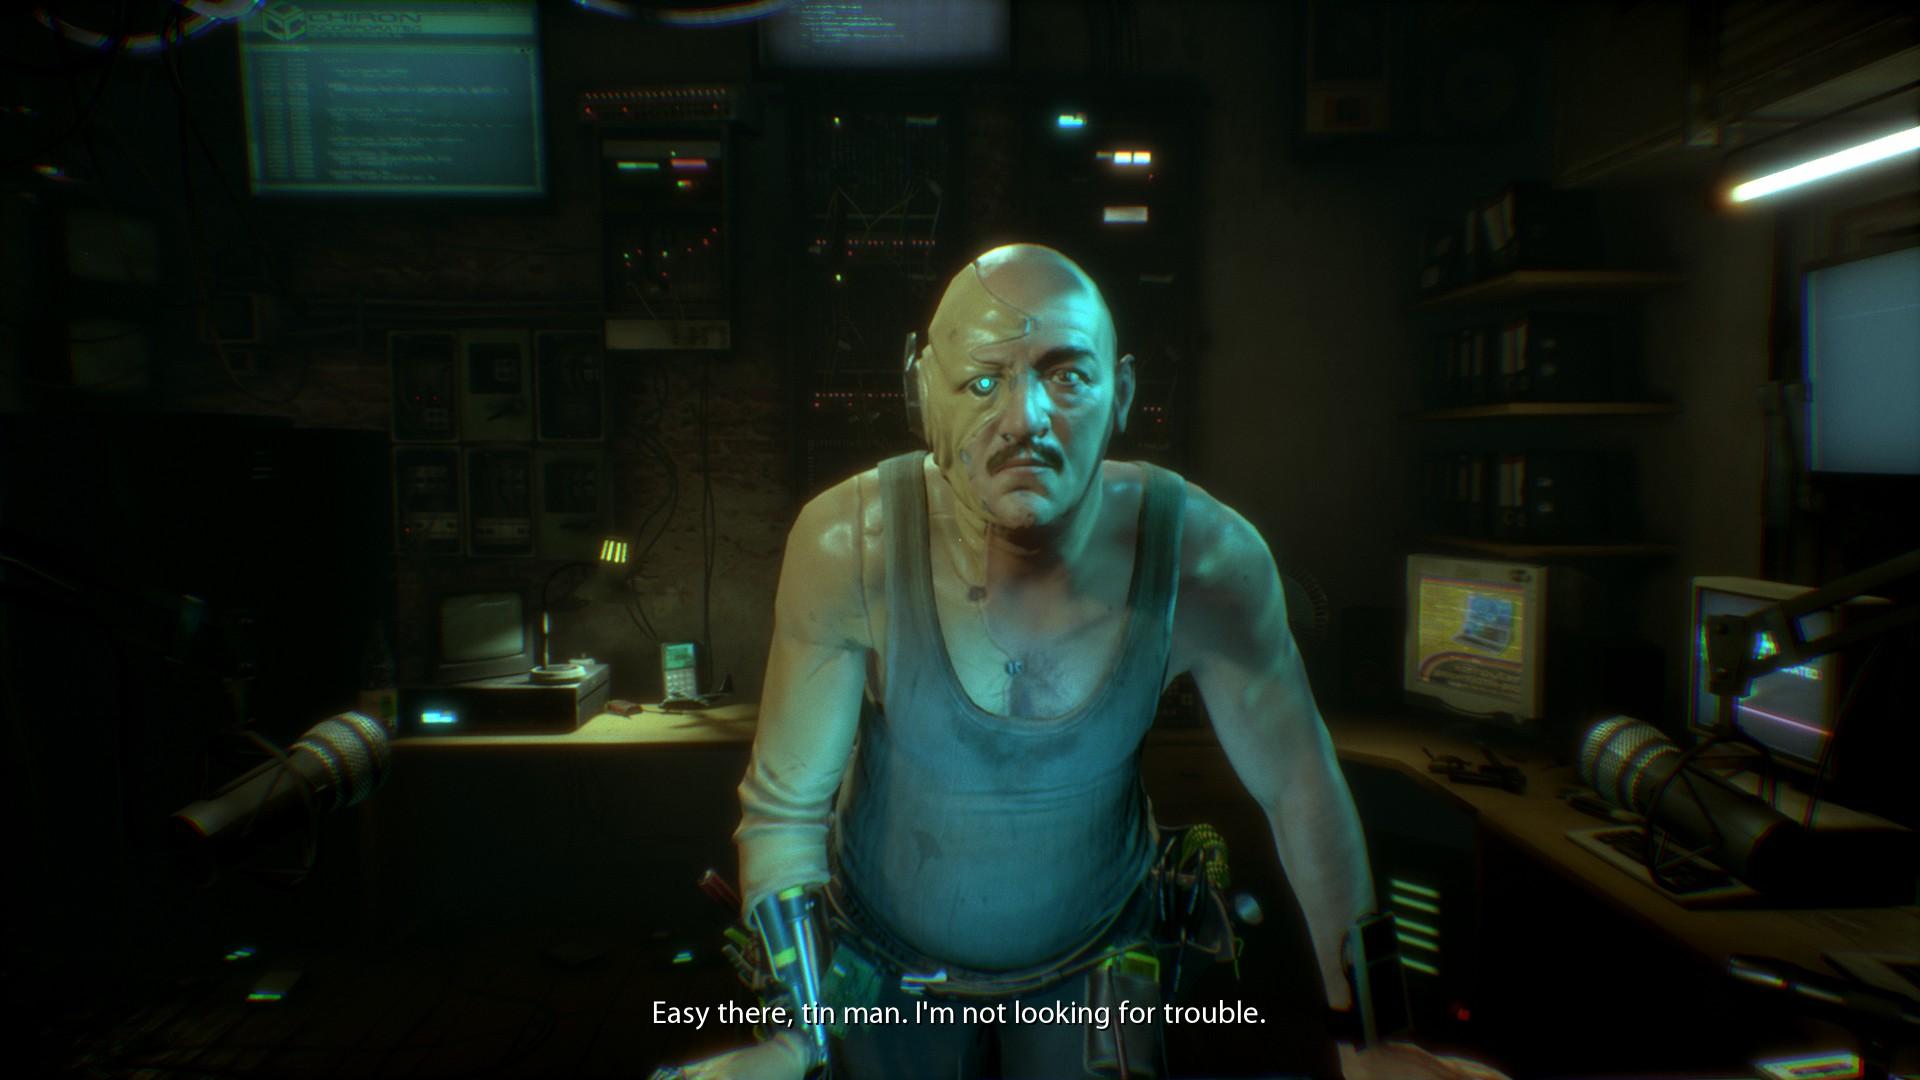 画像集 008 サイコホラーでサイバーパンクな Observer をプレイ 他人の脳をハッキングして 記憶に埋もれた証拠を見つけ出せ